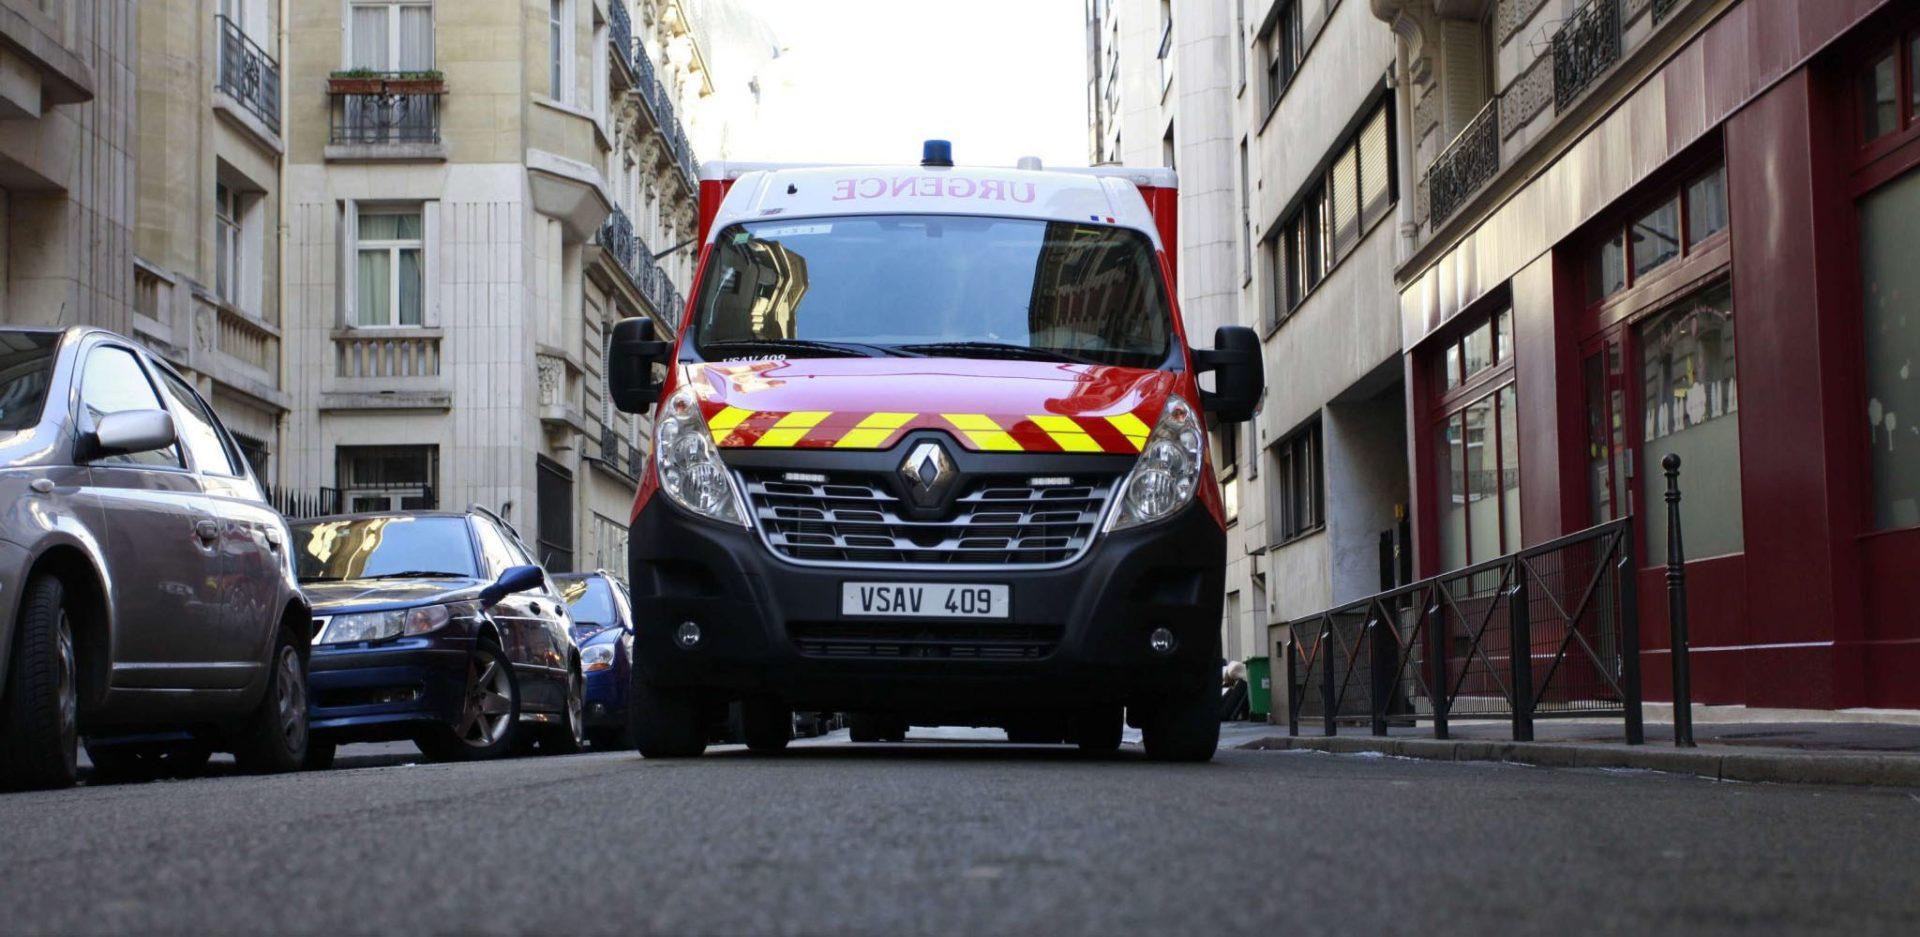 🇫🇷 Aix-en-Provence (13) : L'ambulance des pompiers volée durant une intervention urgente